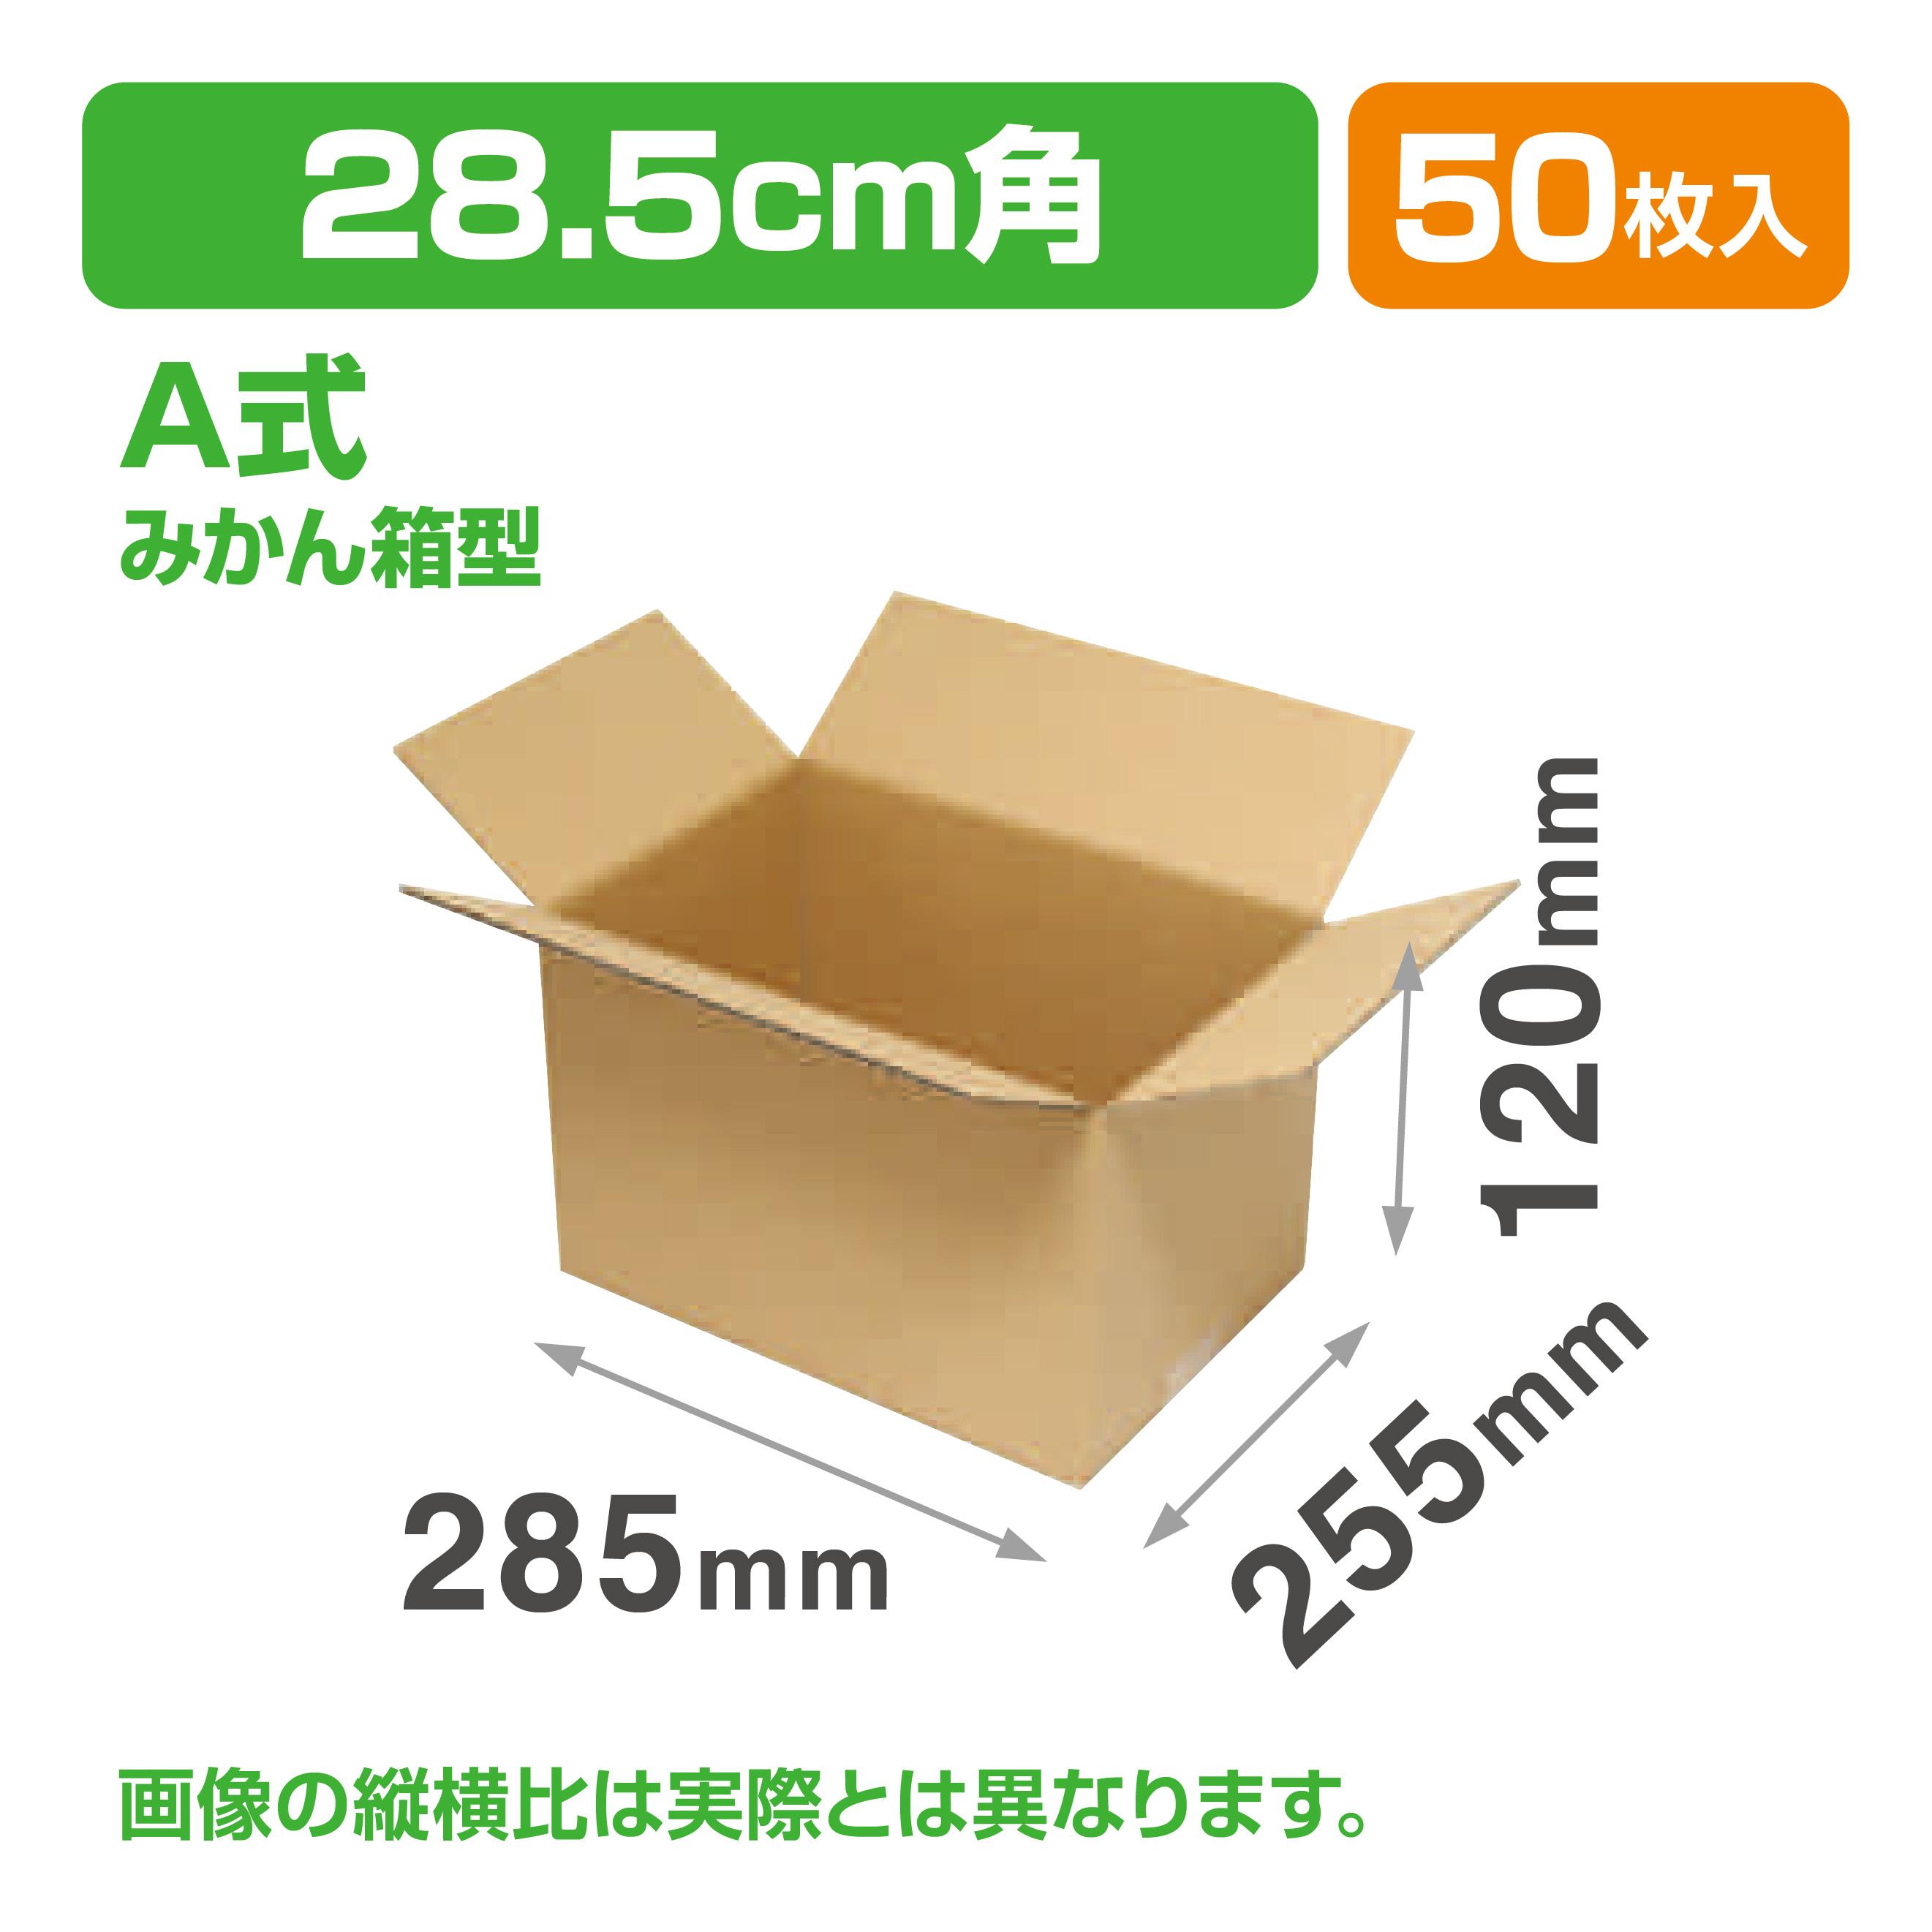 丸ナベ商品画像1